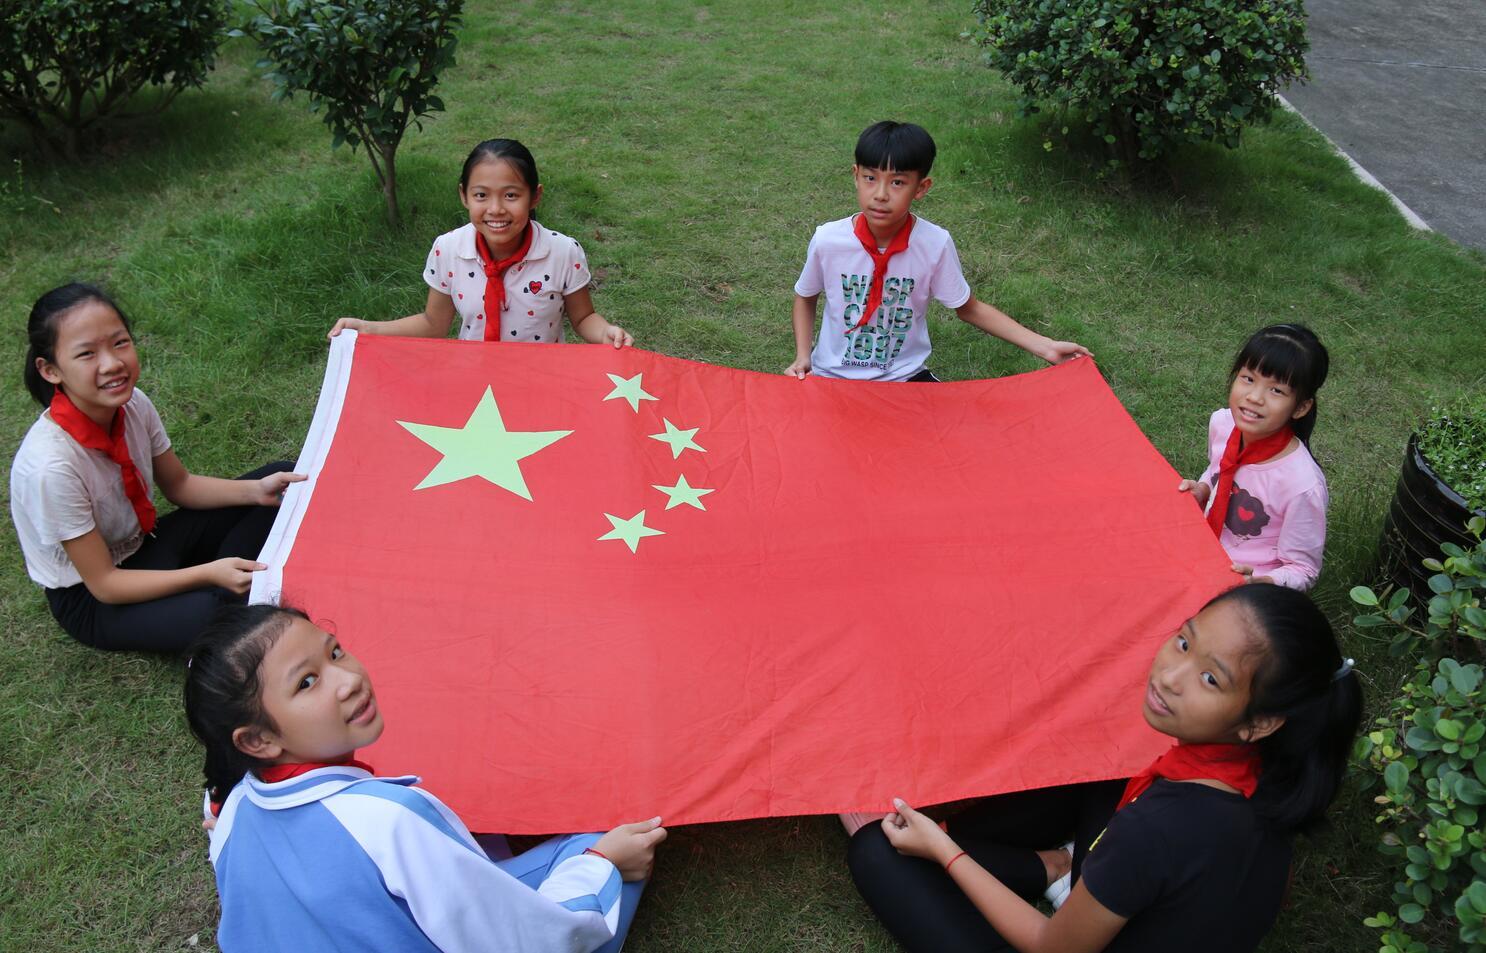 广宁县横山镇中心小学学生与国旗的合影